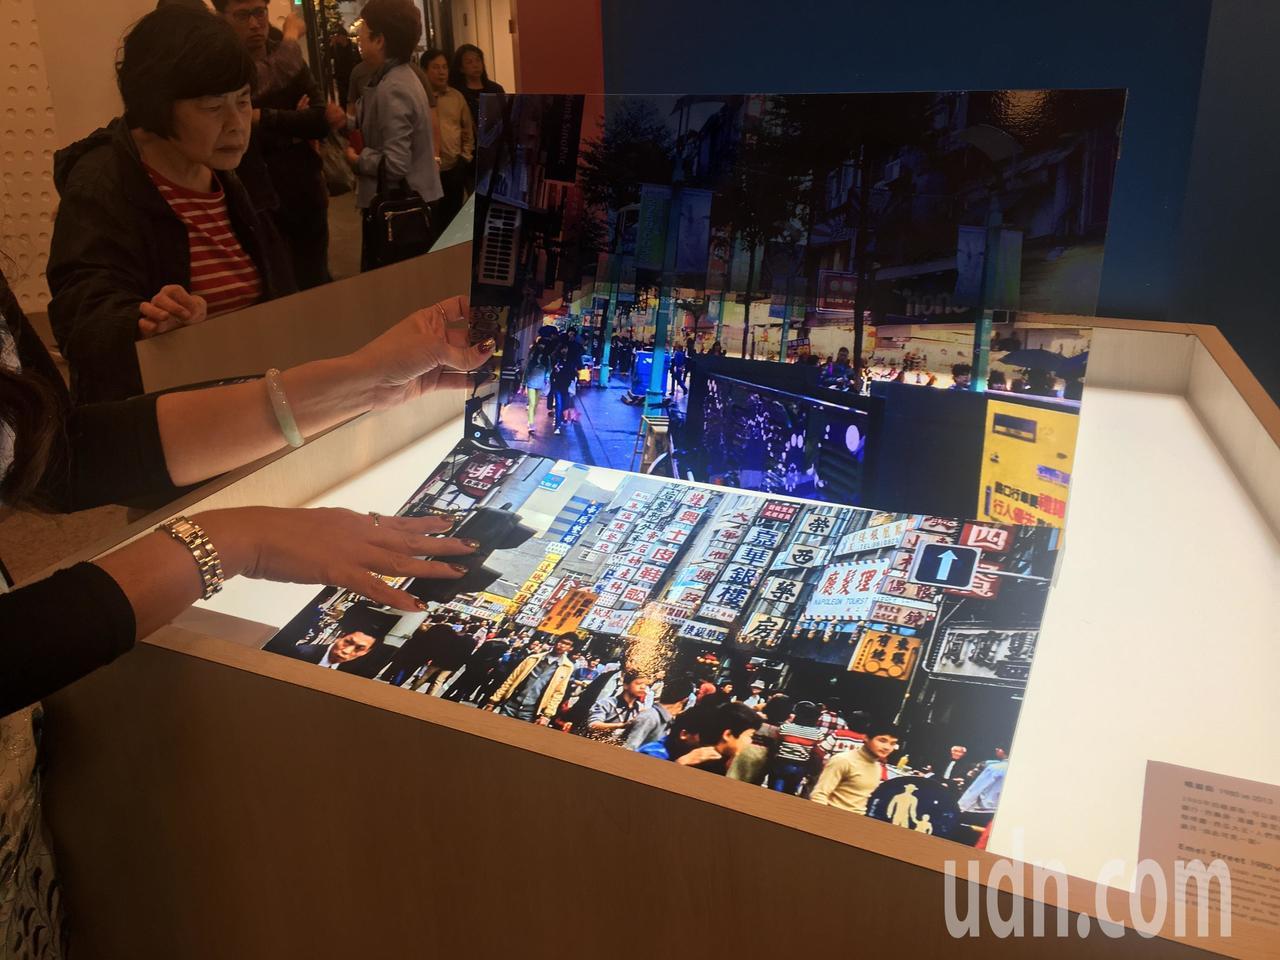 西門紅樓「今昔特展」其中一組照片,展現西門徒步區的今昔對照。記者魏莨伊/攝影